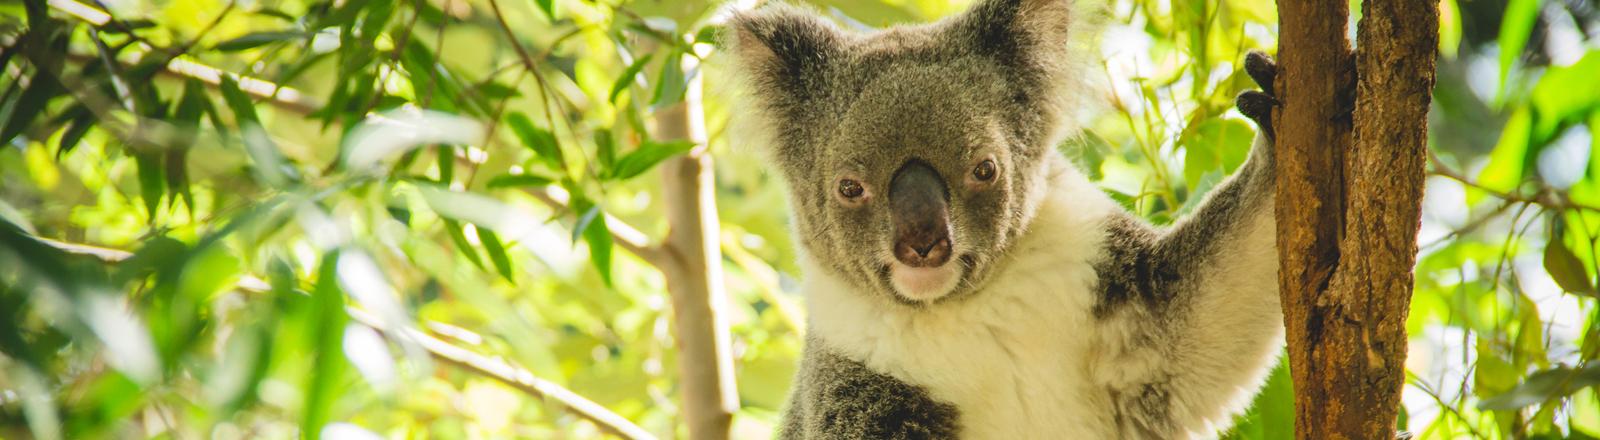 Ein Koala sitzt auf einem Baum.